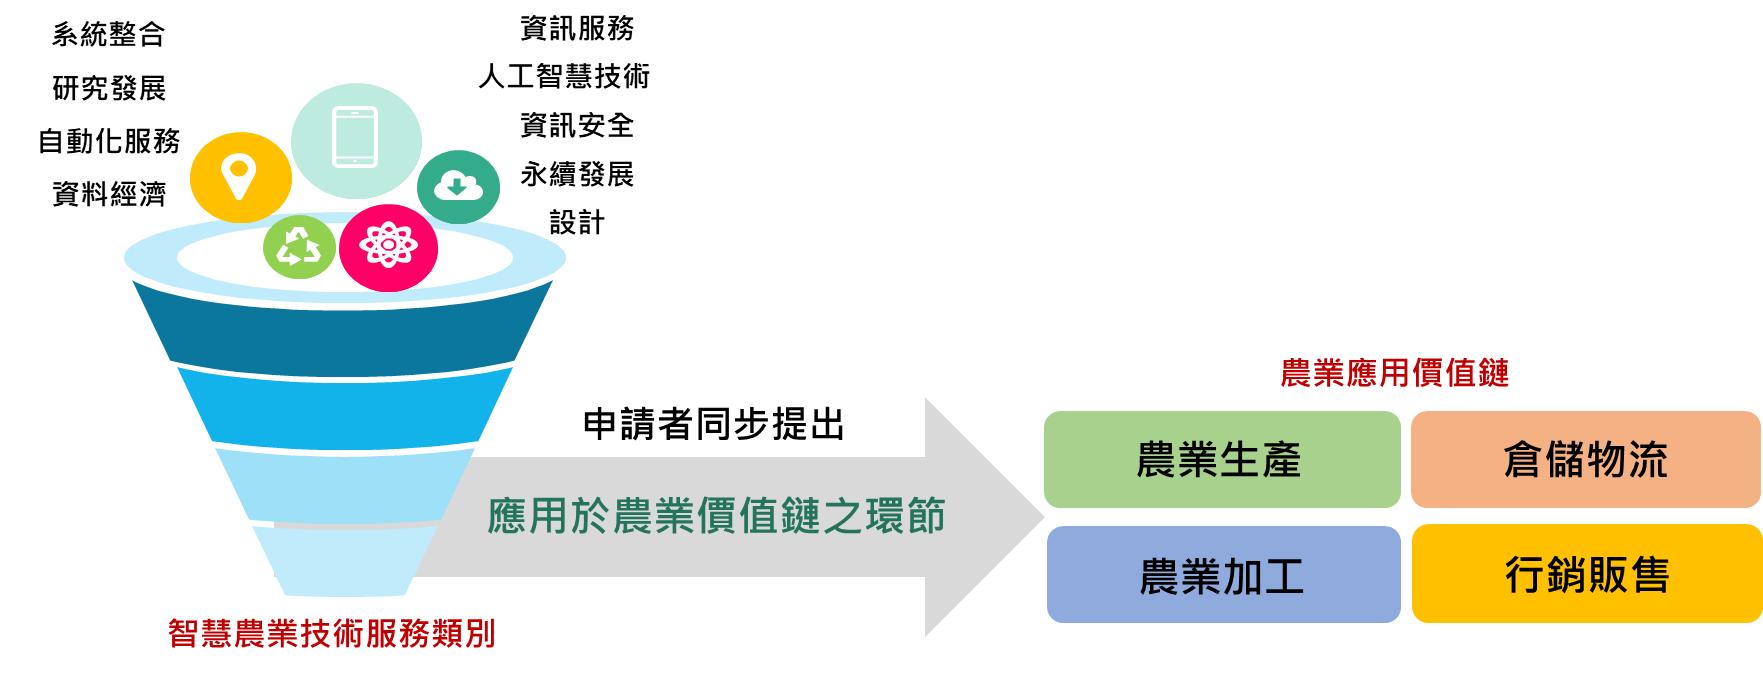 圖1技服機構登錄類別應用於農業領域之關係圖